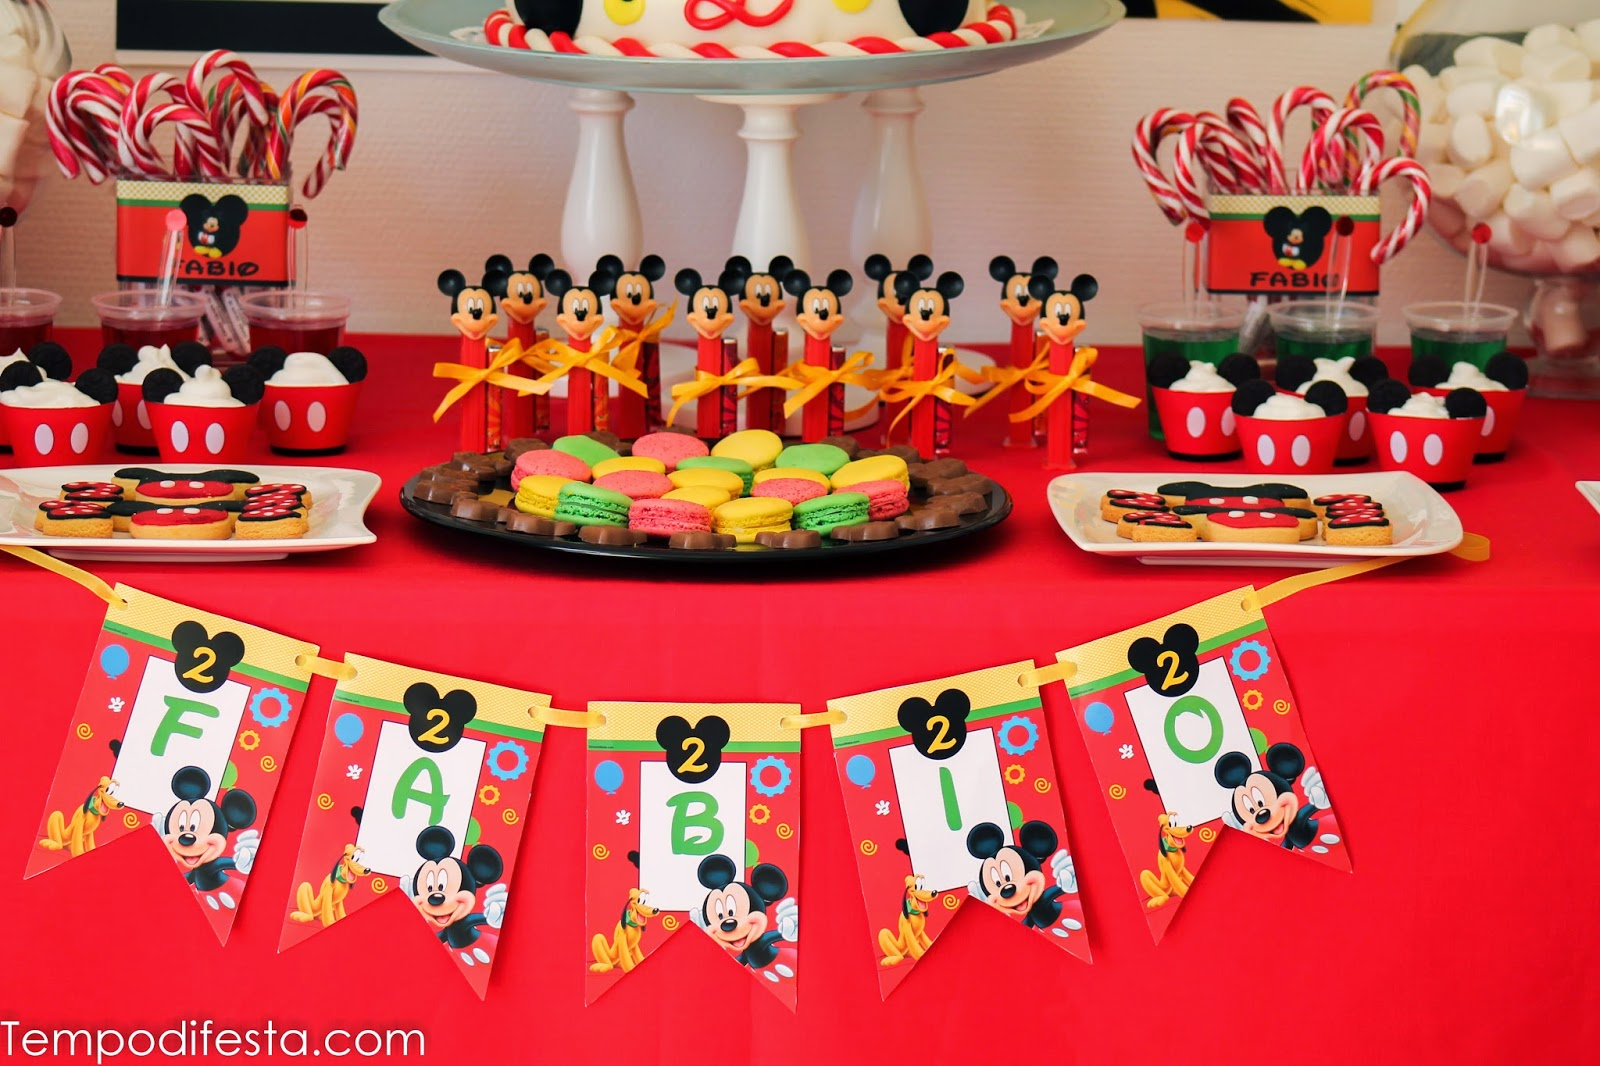 Decorazioni Per Feste Di Compleanno Bambini Fai Da Te : Addobbi festa compleanno fai da te. trendy regali fine festa